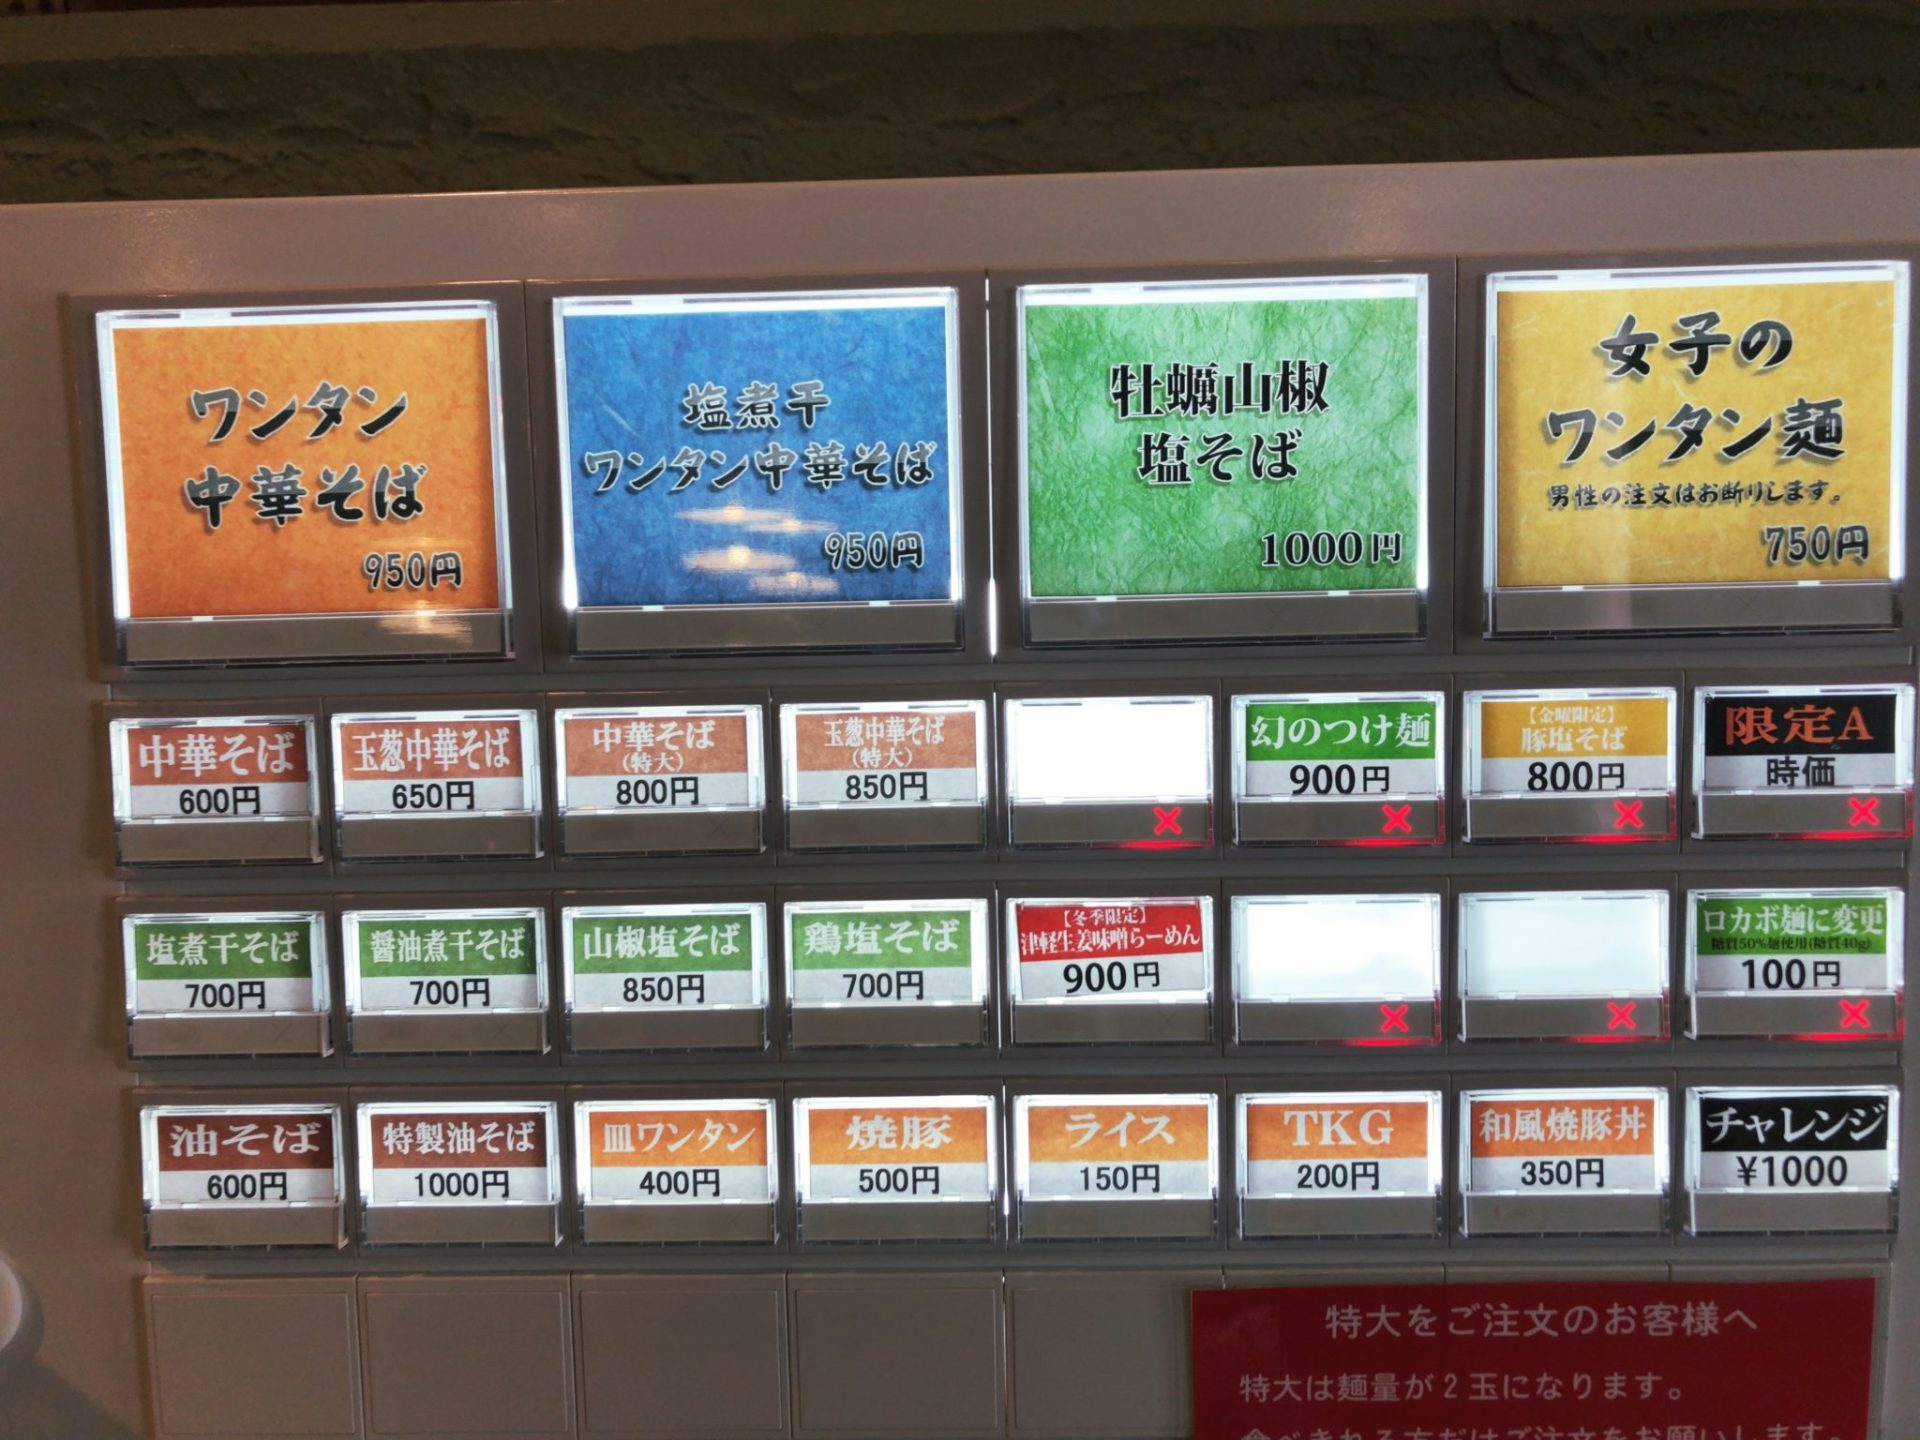 柴崎亭 梅ヶ丘店のメニュー